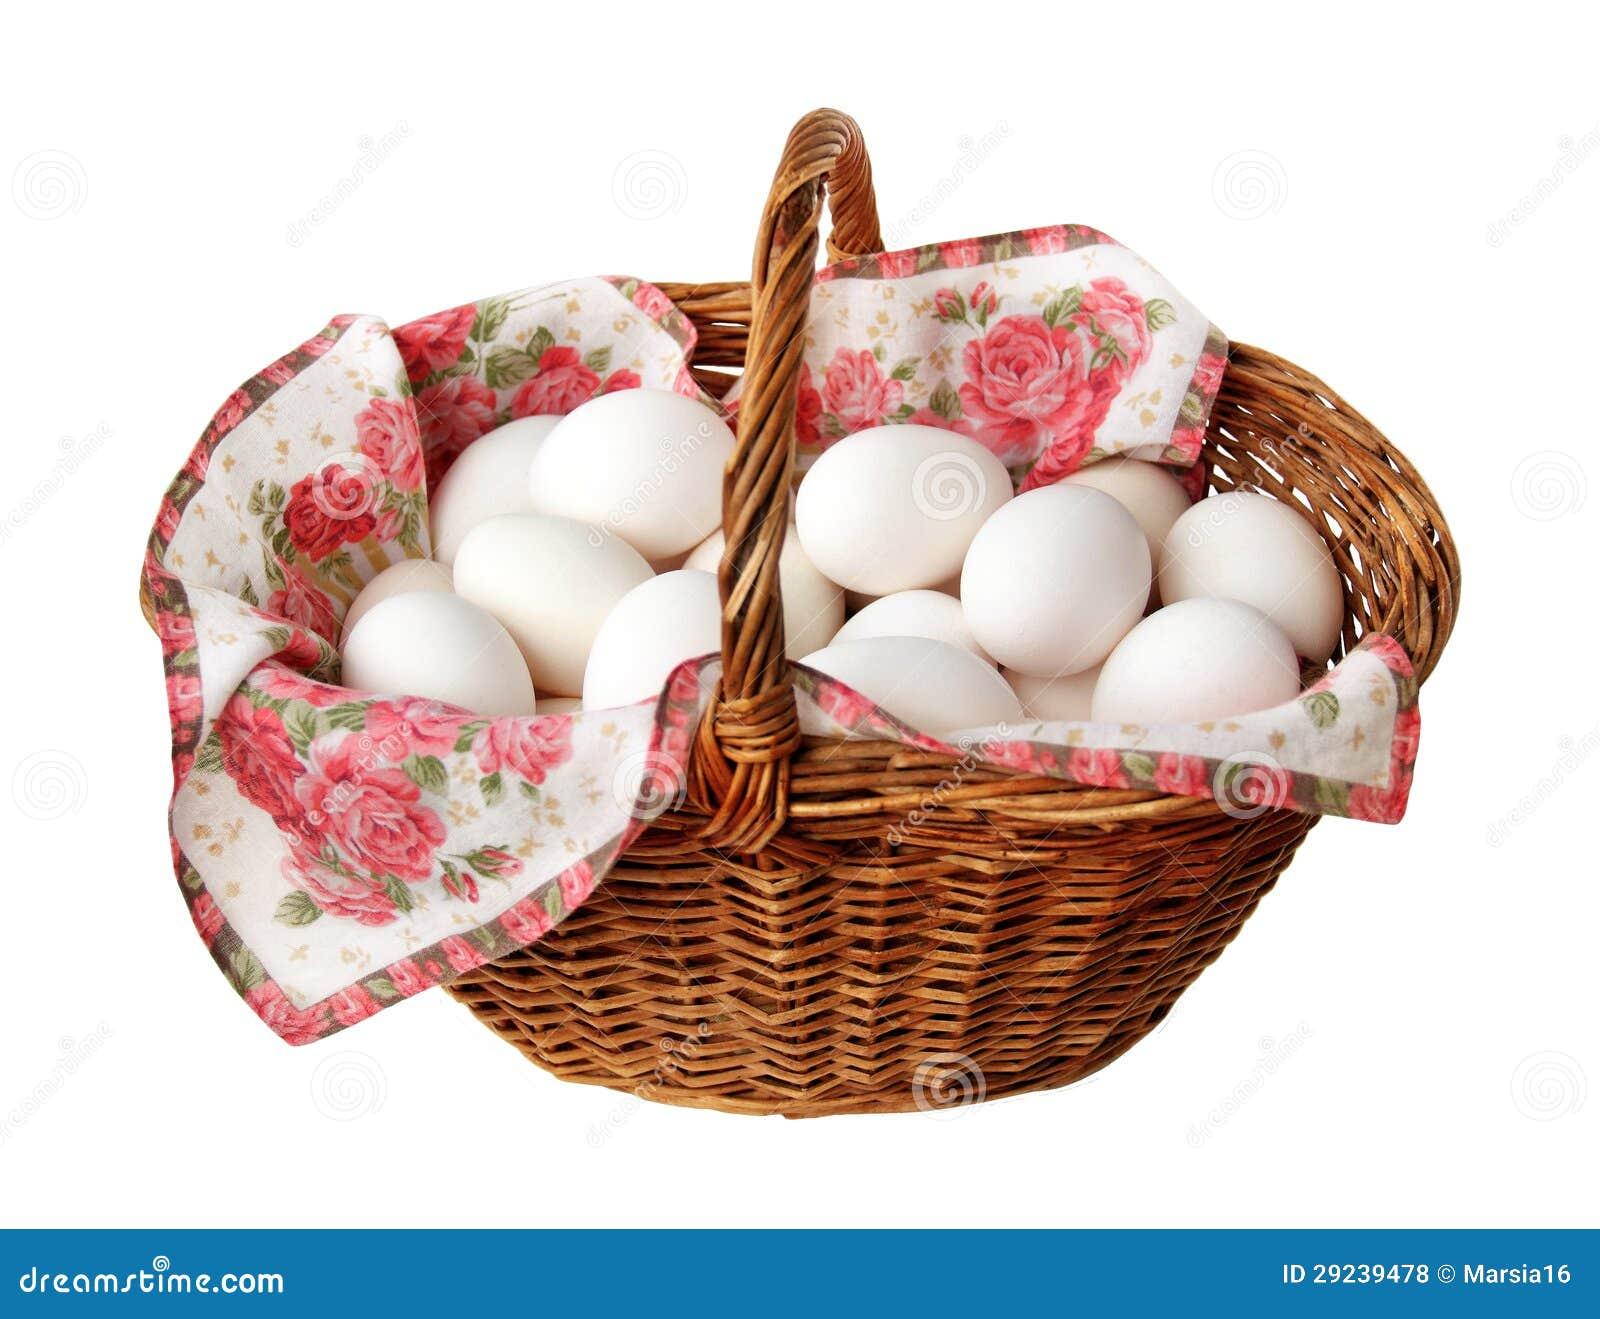 Download Cesta com ovos da galinha foto de stock. Imagem de cesta - 29239478